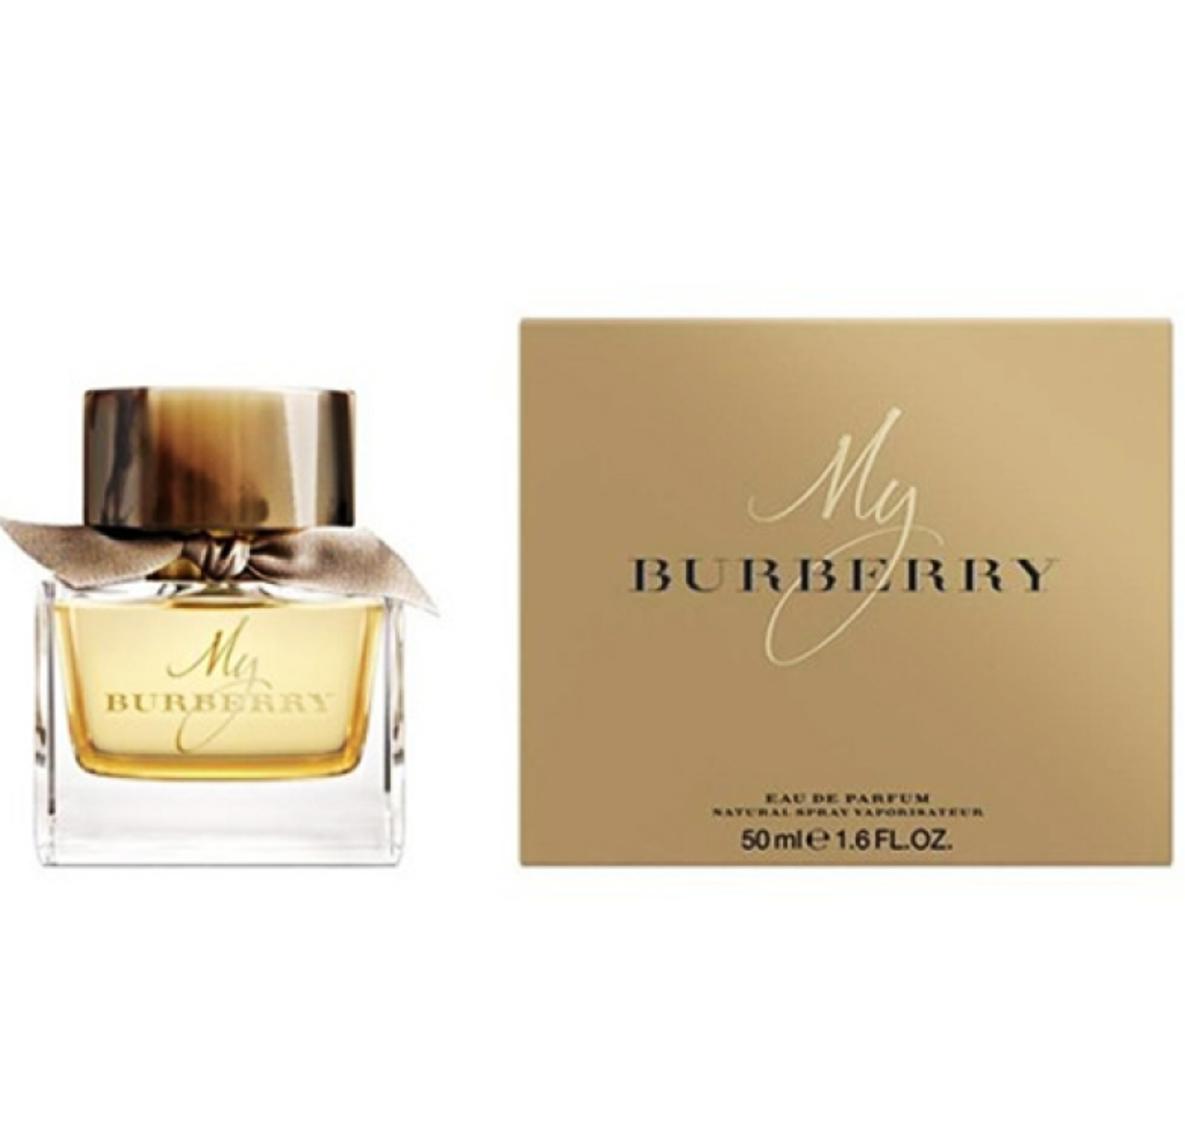 Burberry - My Burberry - eau de parfum